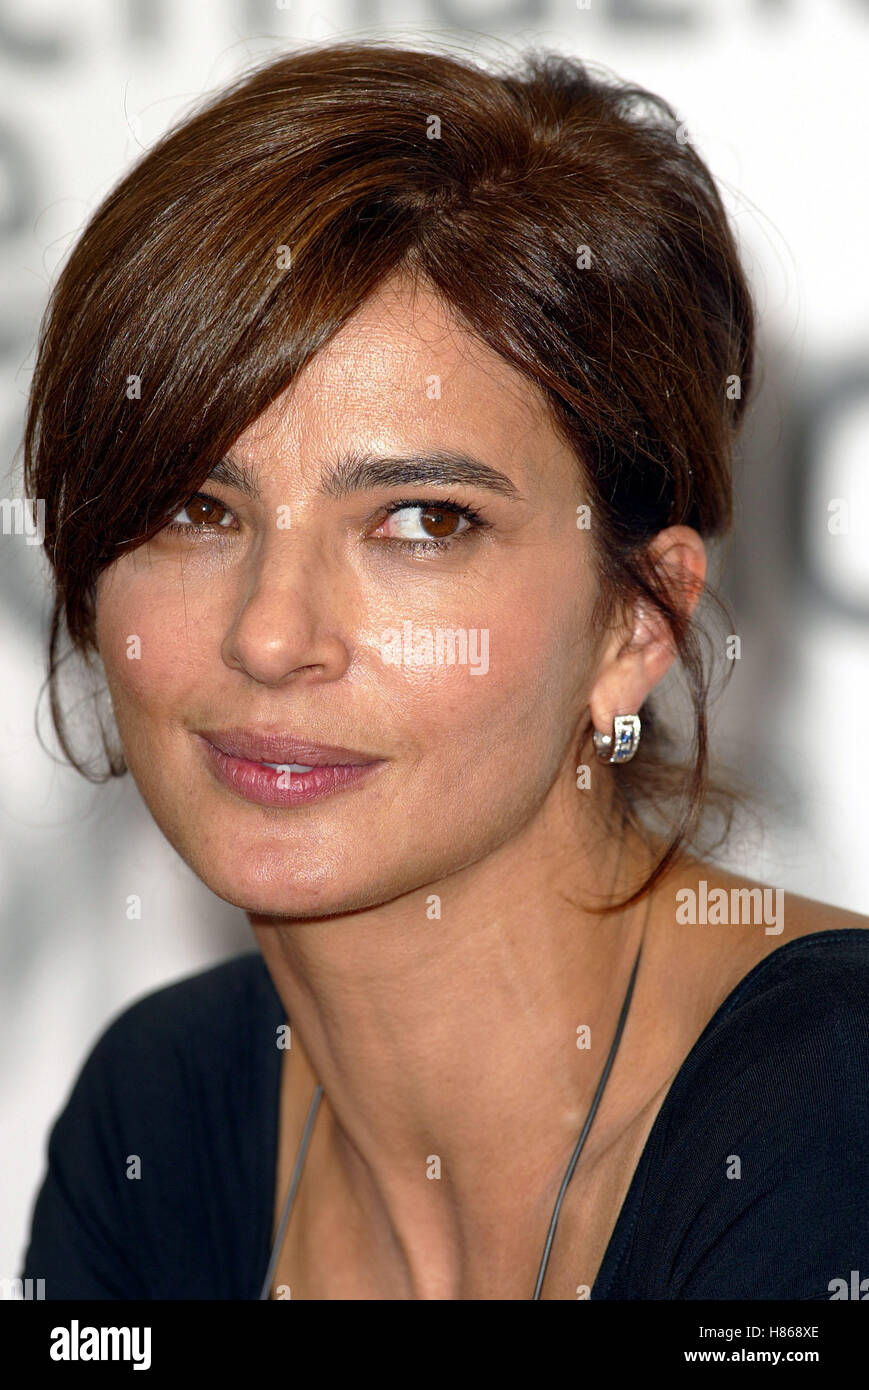 LAURA MORANTE VIAGGIO CHIAMTO AMORE PHOTOCAL VENICE FILM FESTIVAL VENICE ITALY 04 September 2002 - Stock Image